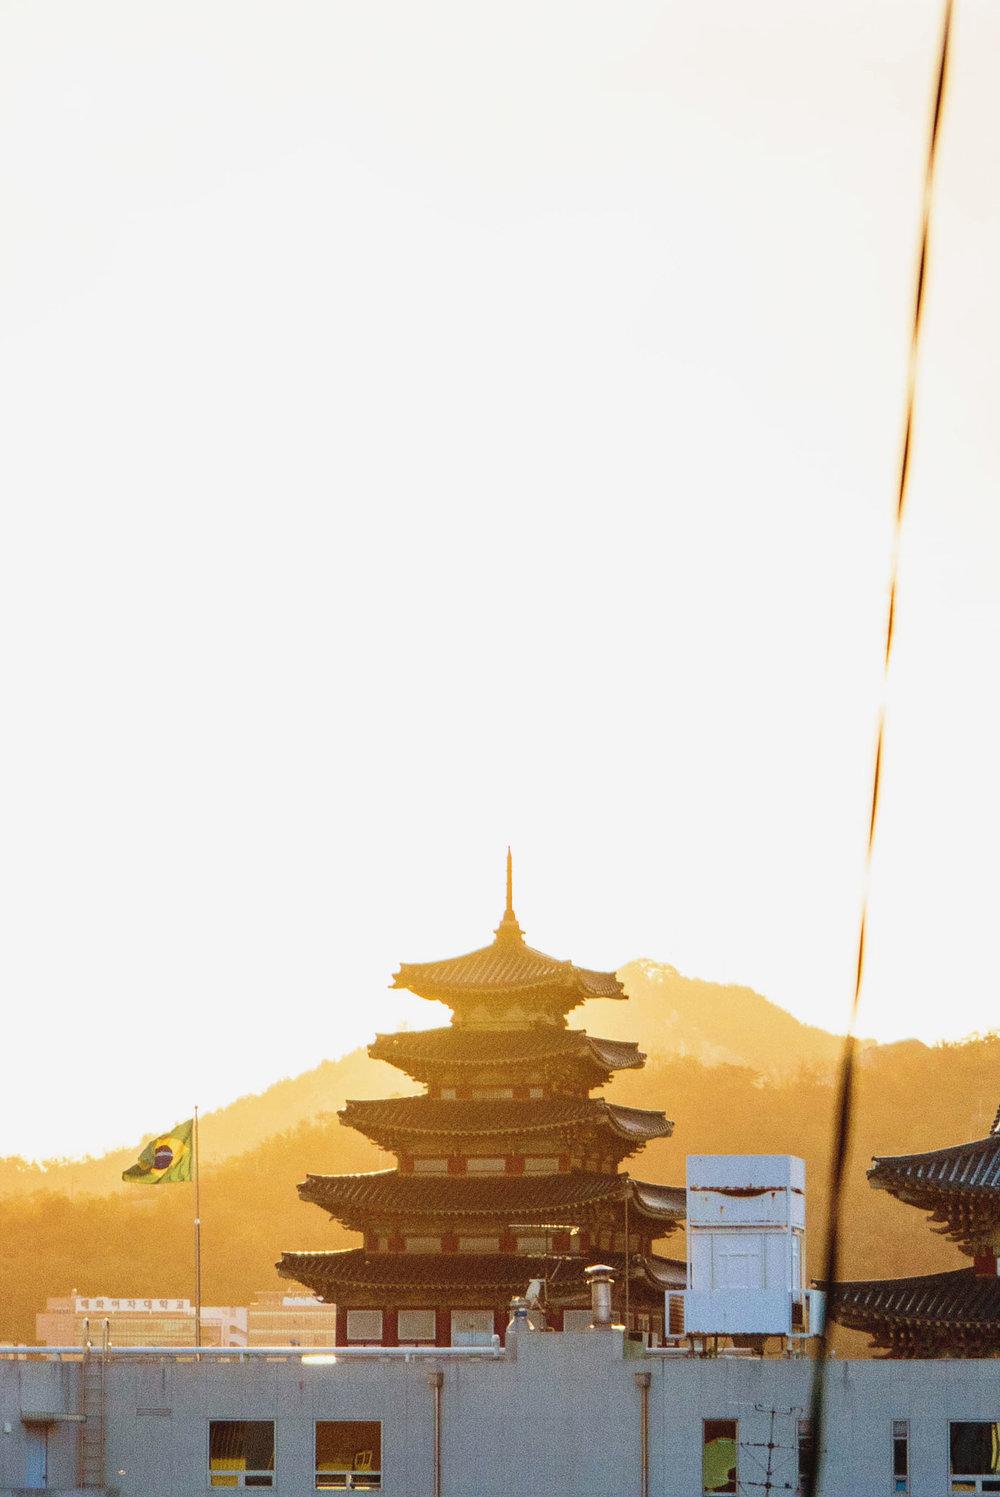 Sunset near the Gyeongokgun Palace